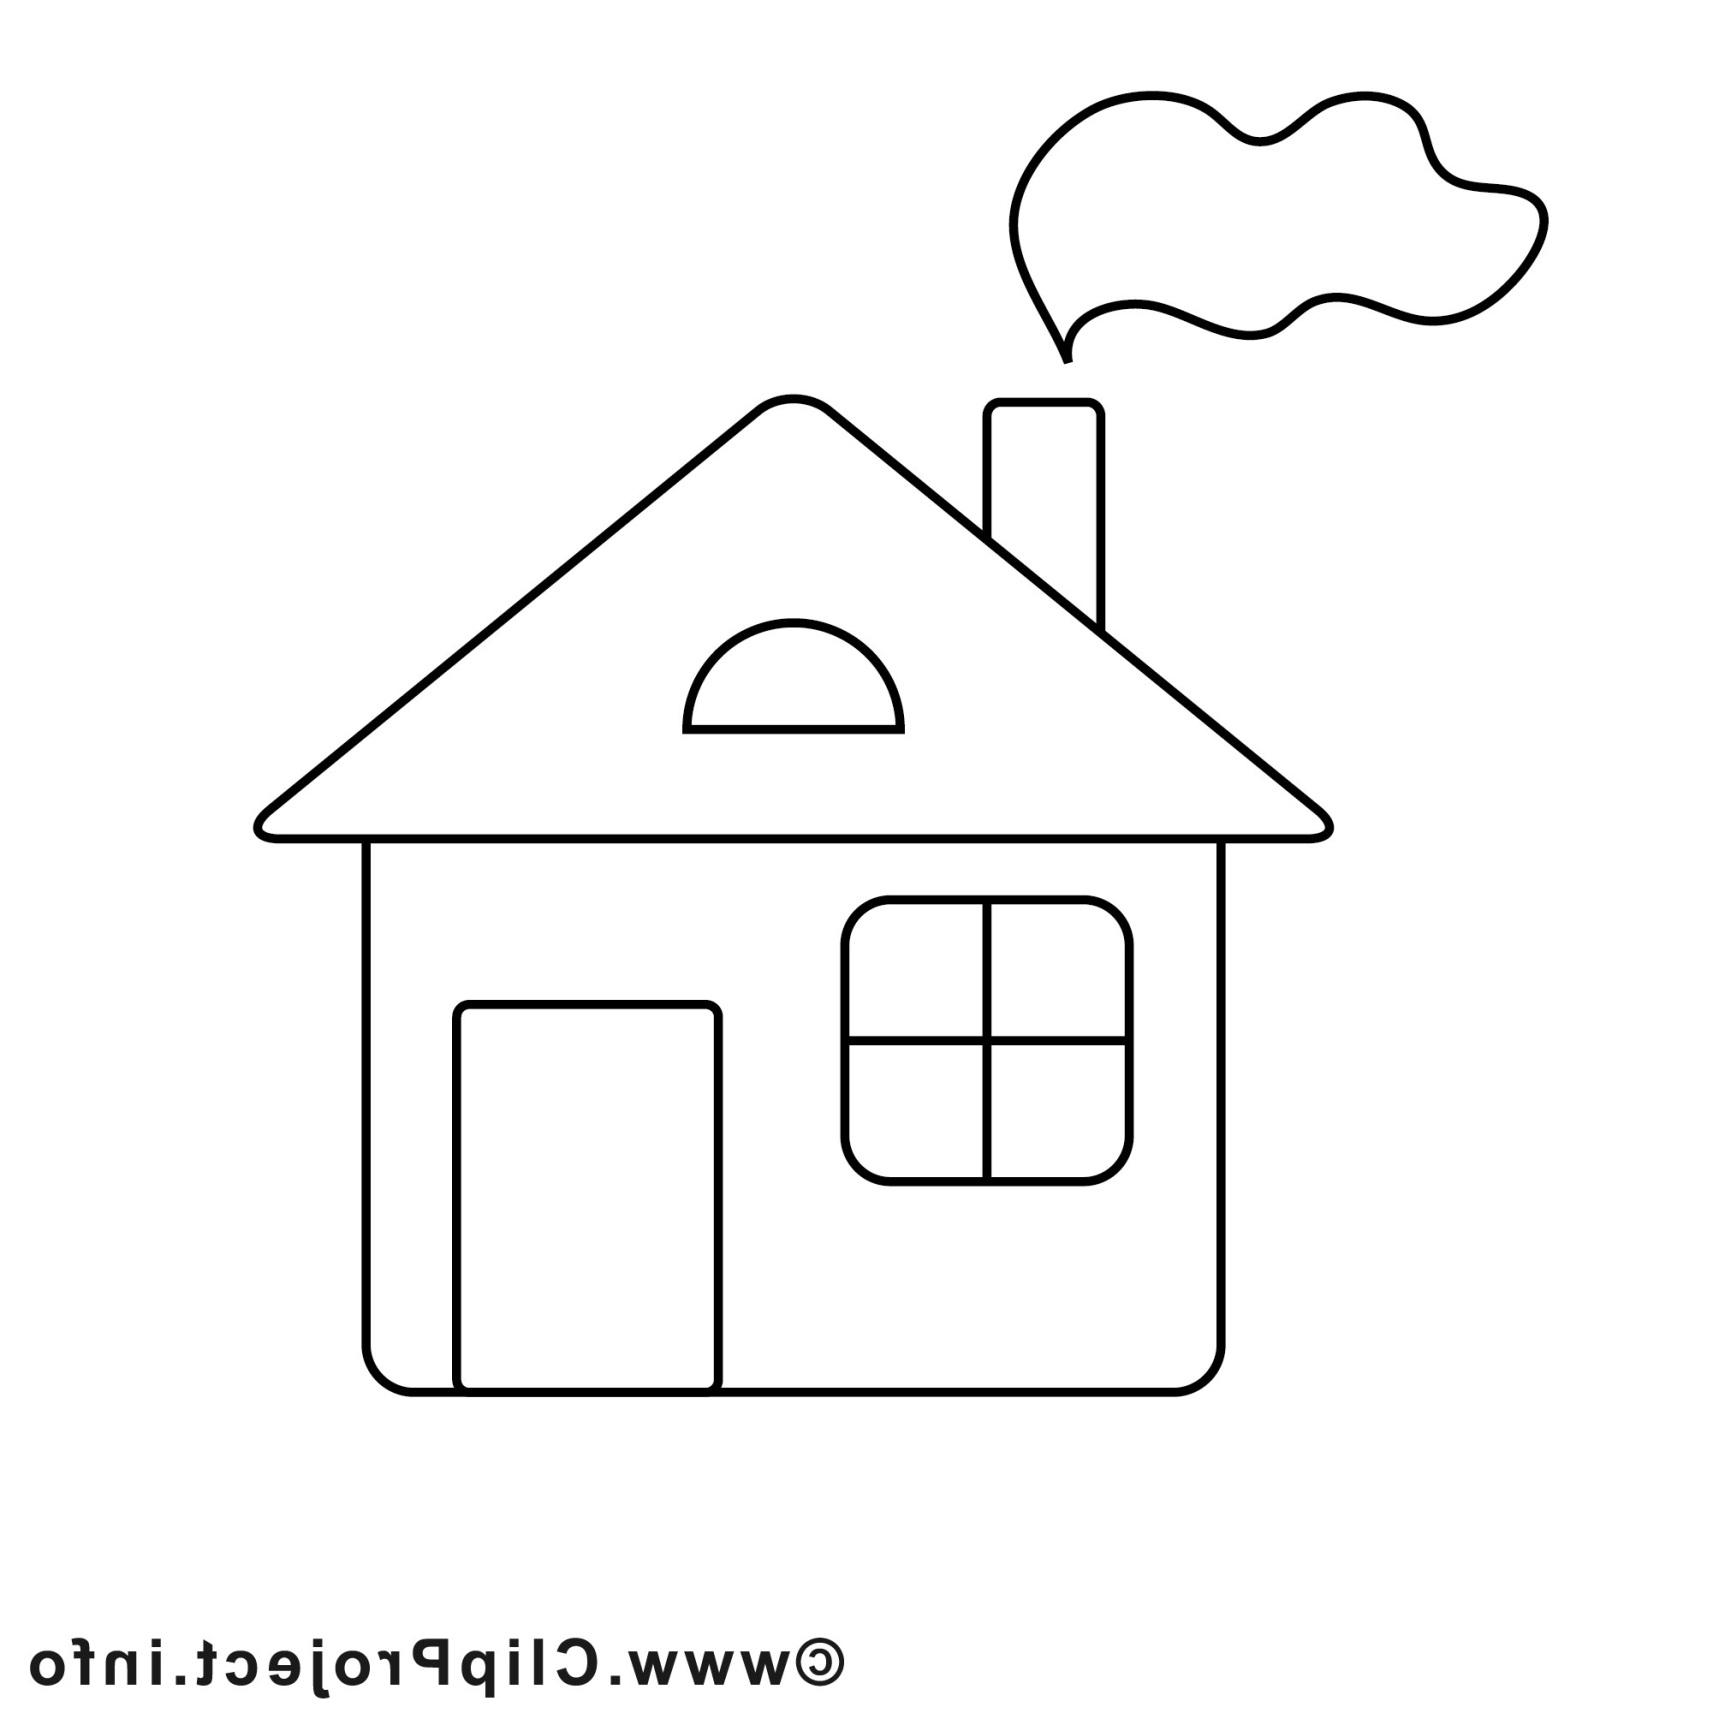 дом рисунок для раскрашивания них много